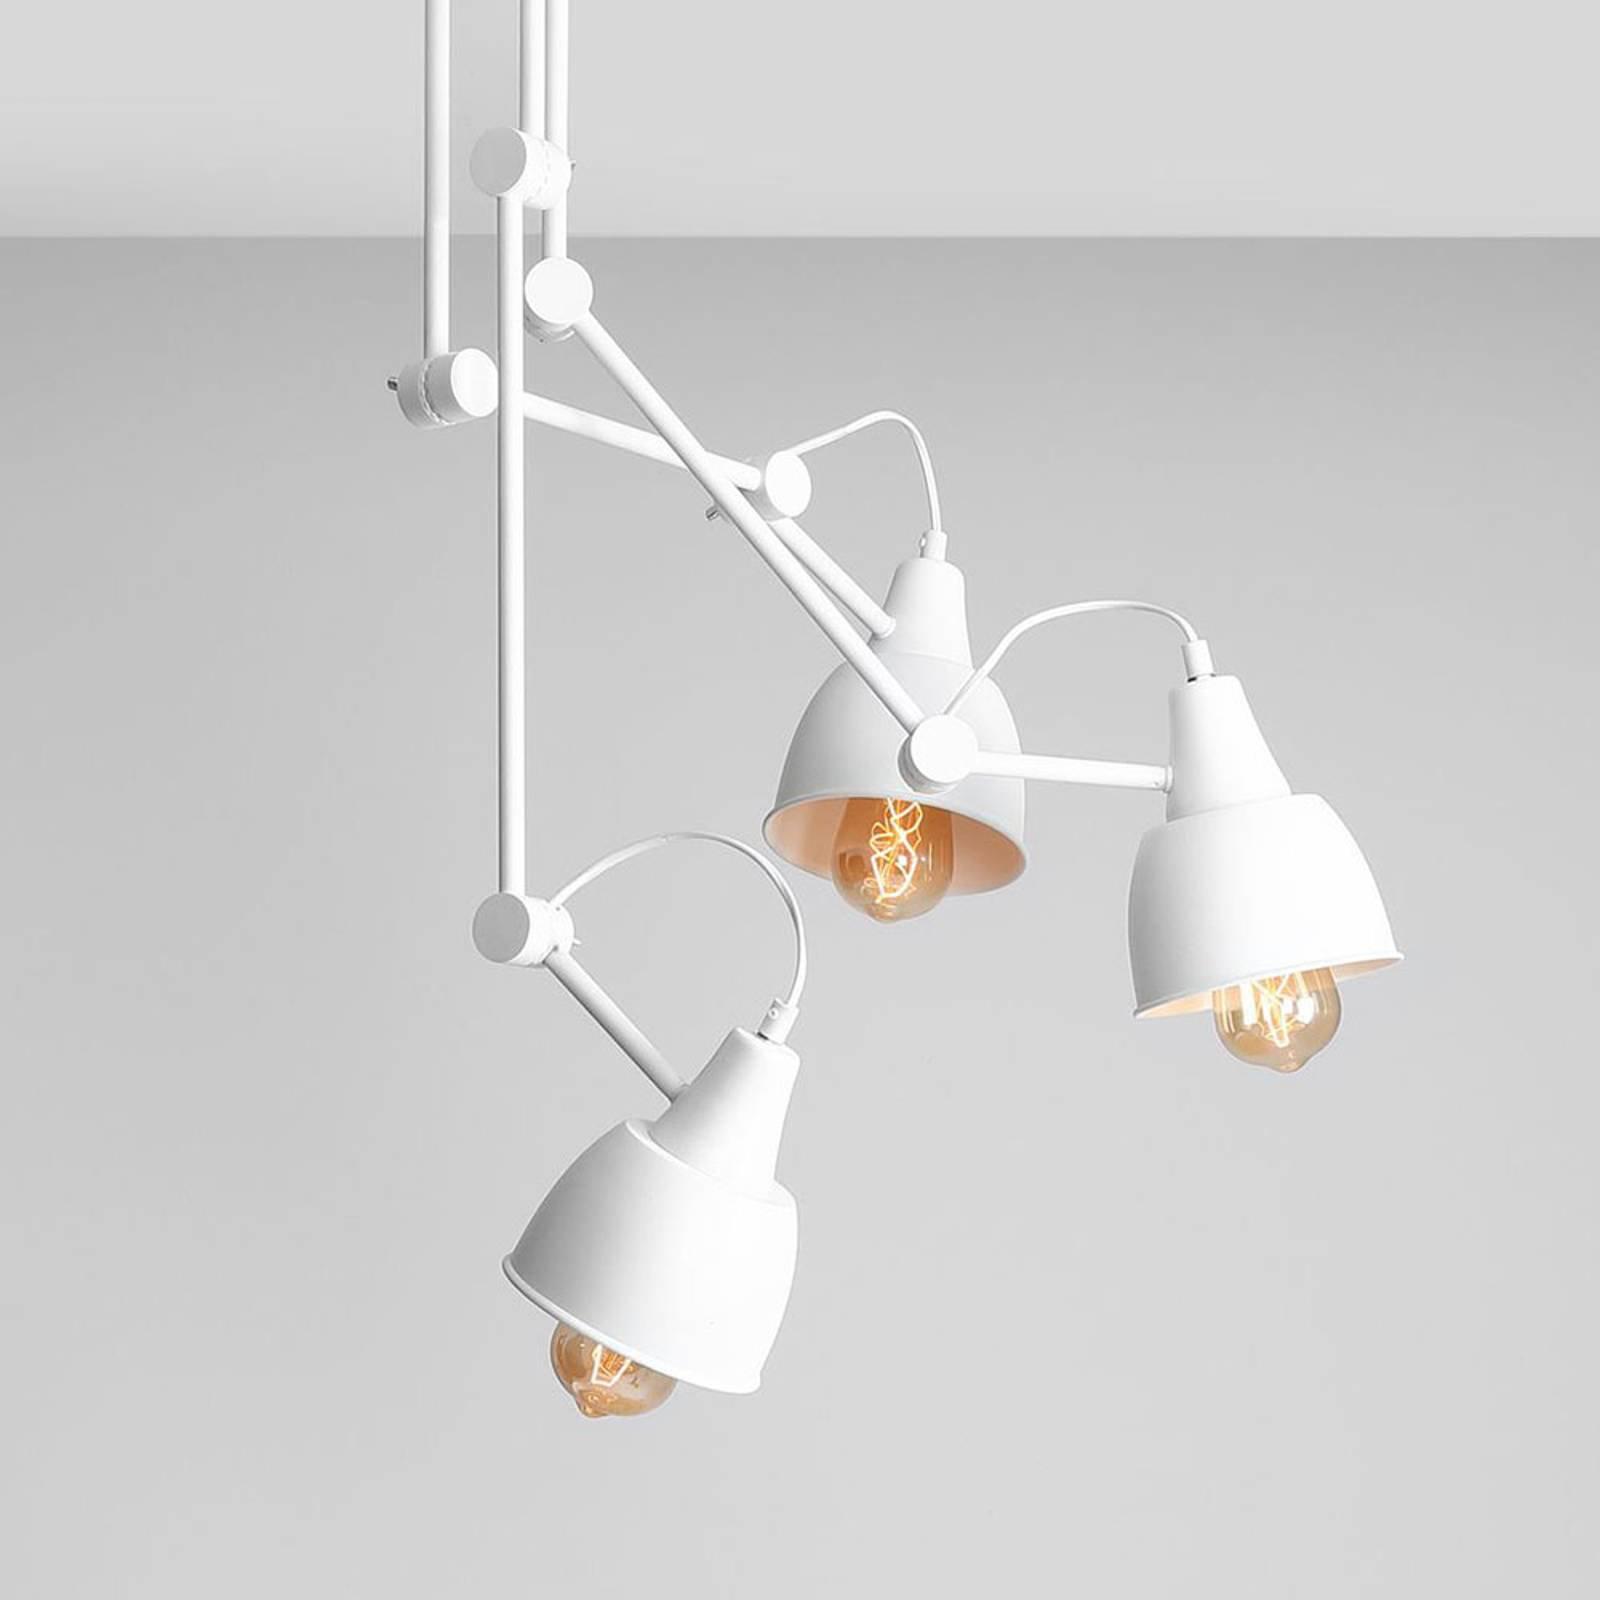 814 taklampe, justerbar, 3 lyskilder, hvit